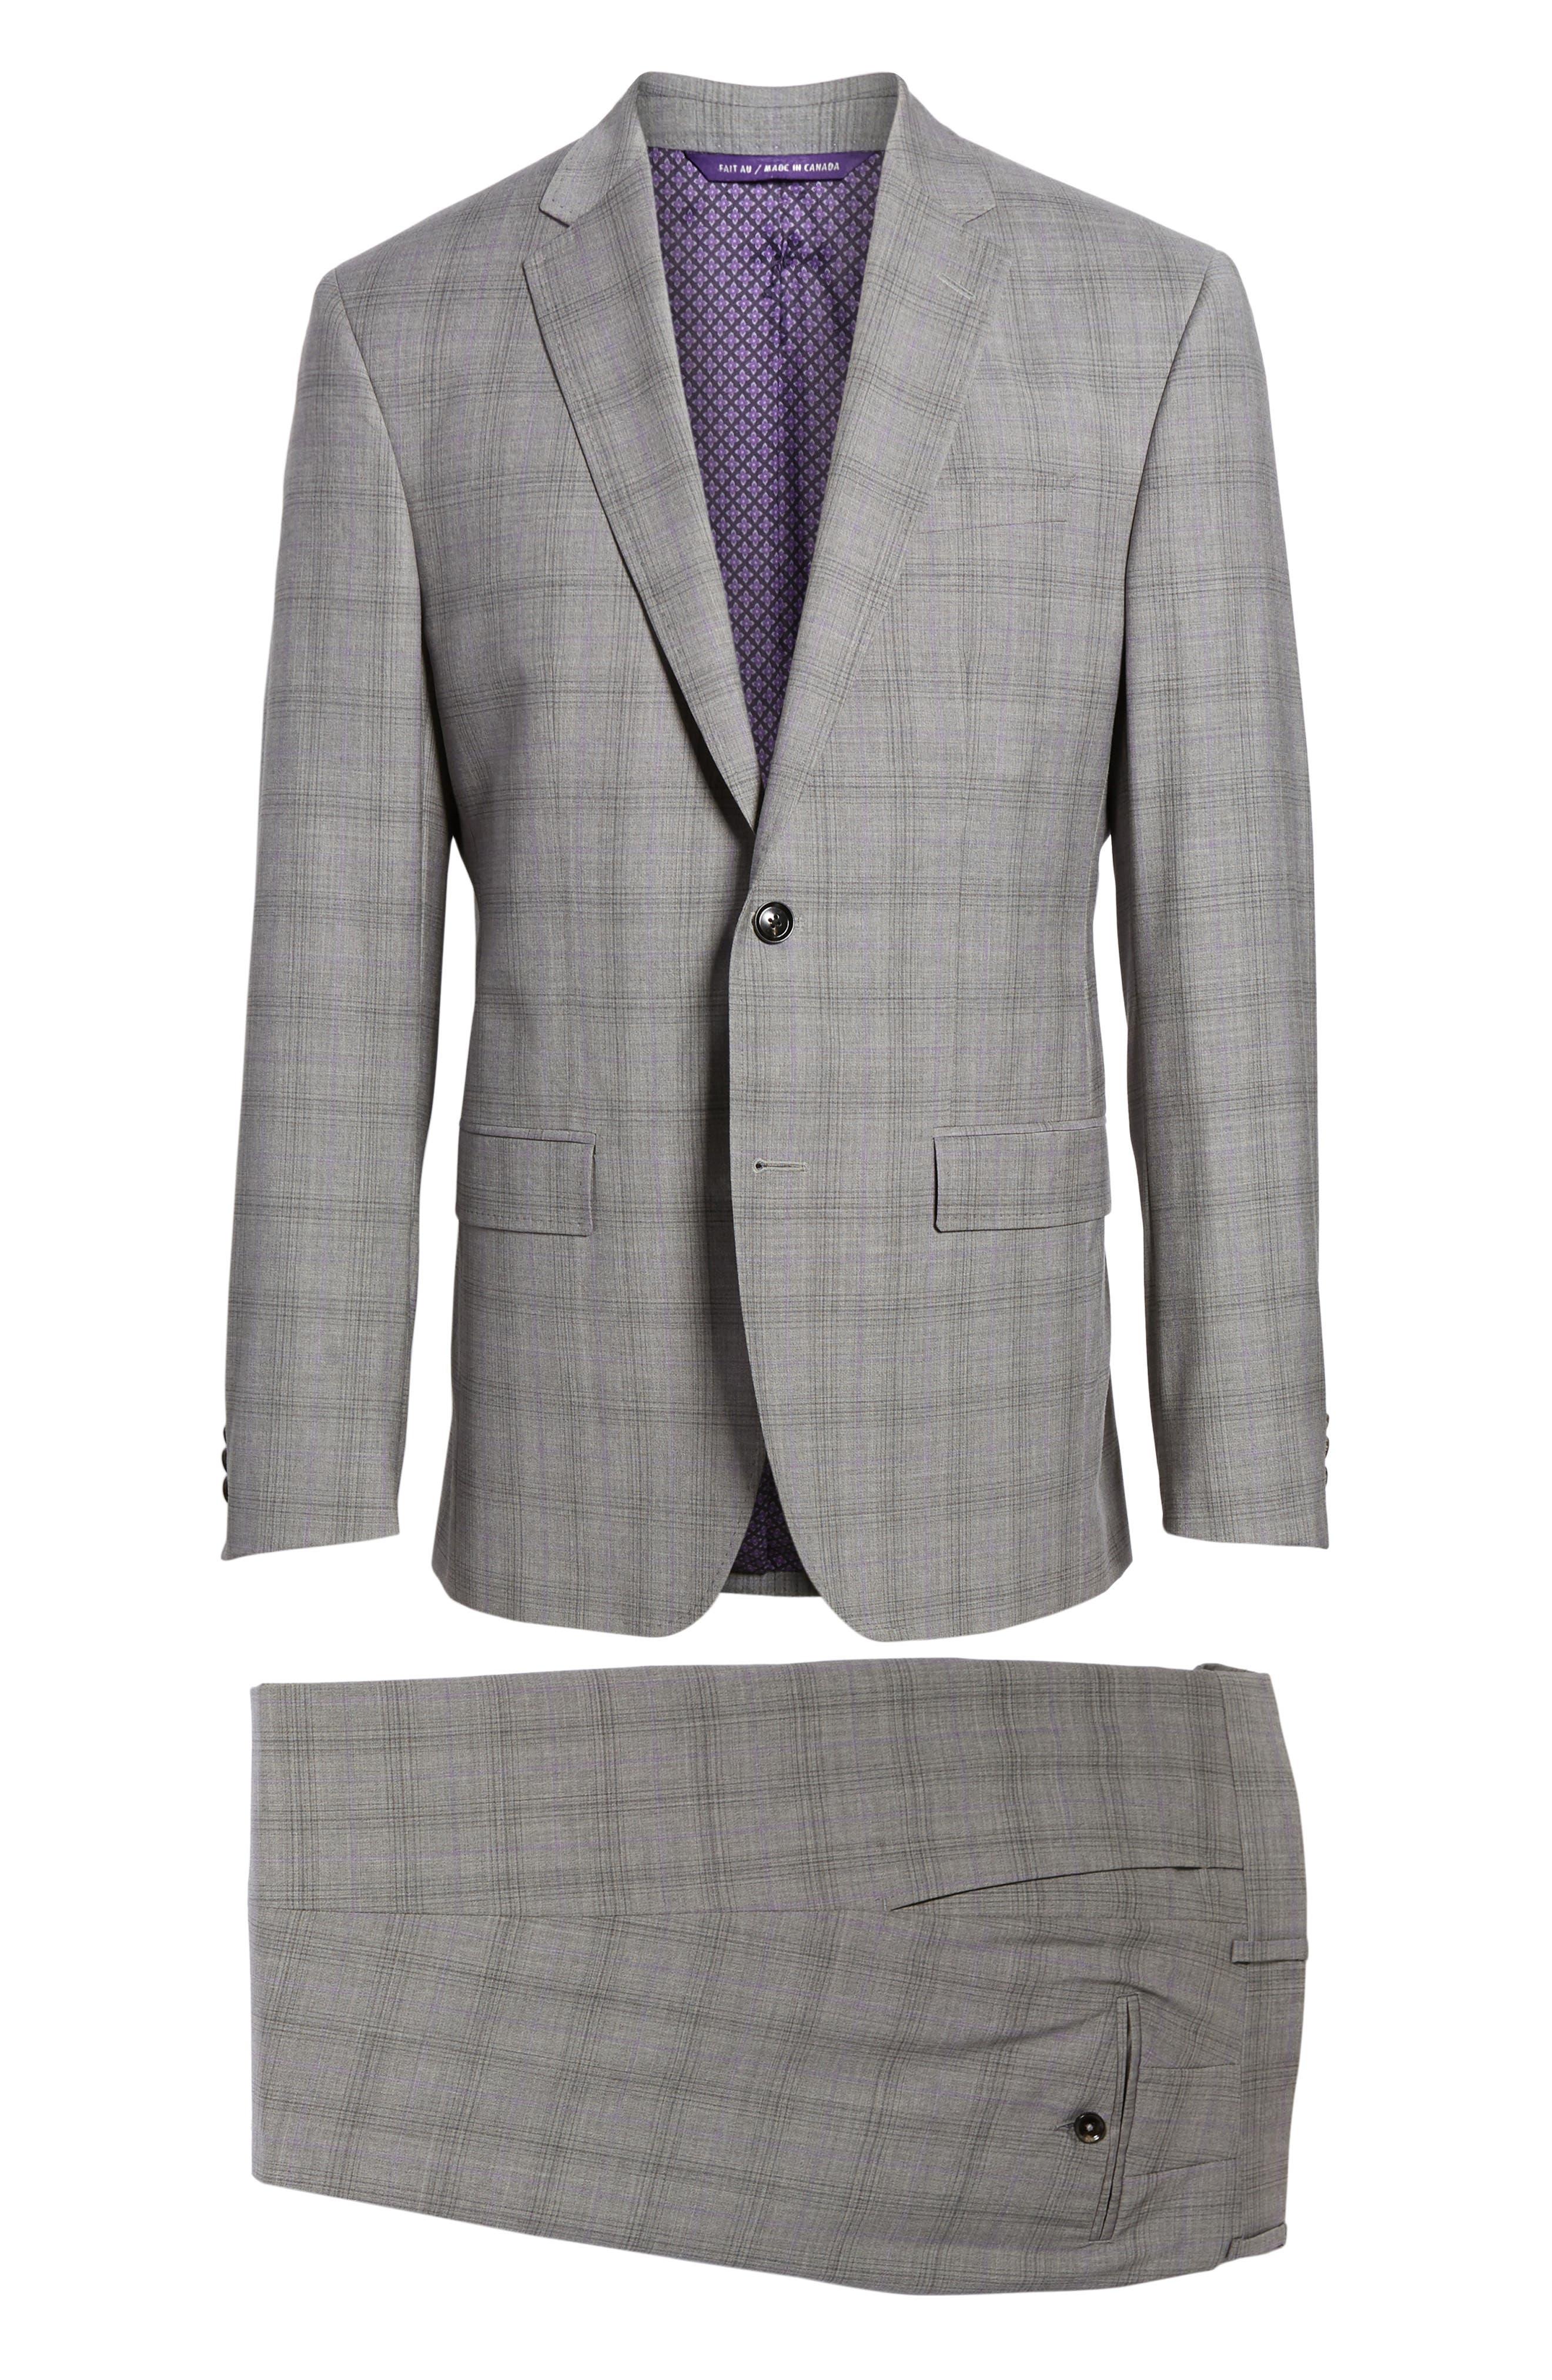 Jay Trim Fit Plaid Wool Suit,                             Alternate thumbnail 8, color,                             050